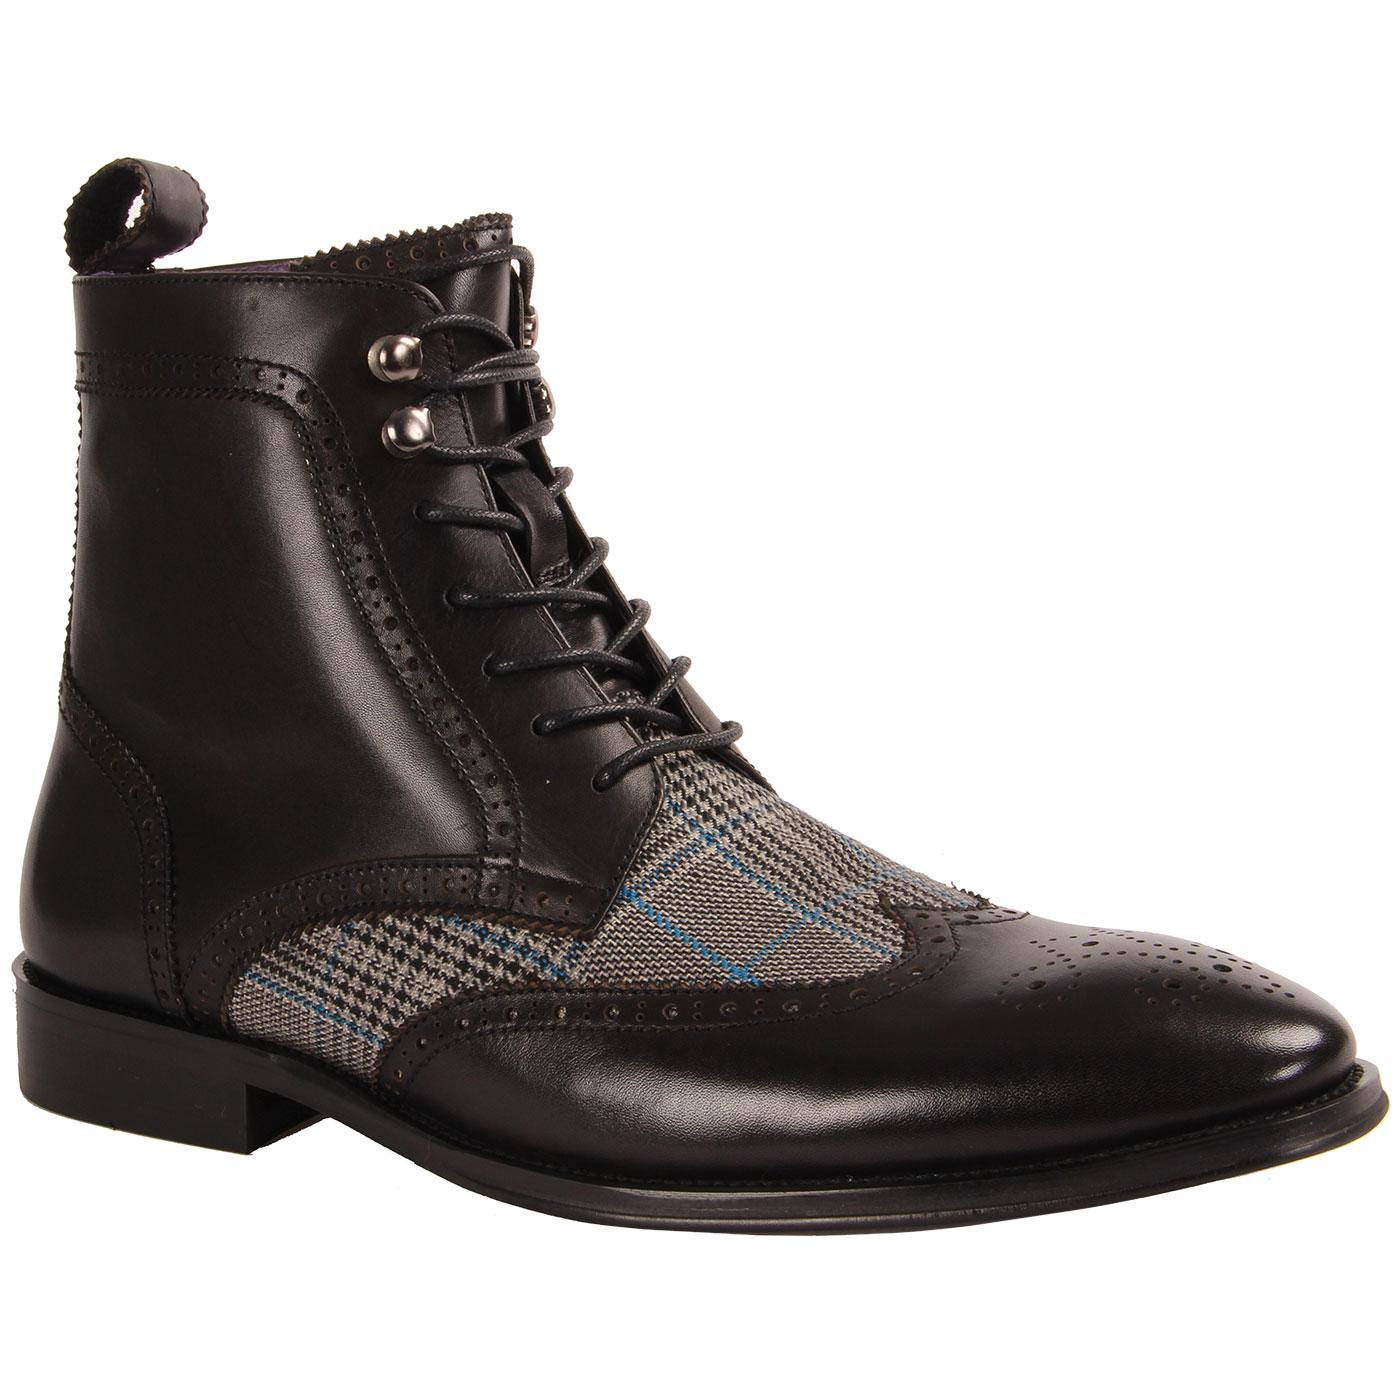 Ebenezer PAOLO VANDINI POW Check Brogue Boots (B)